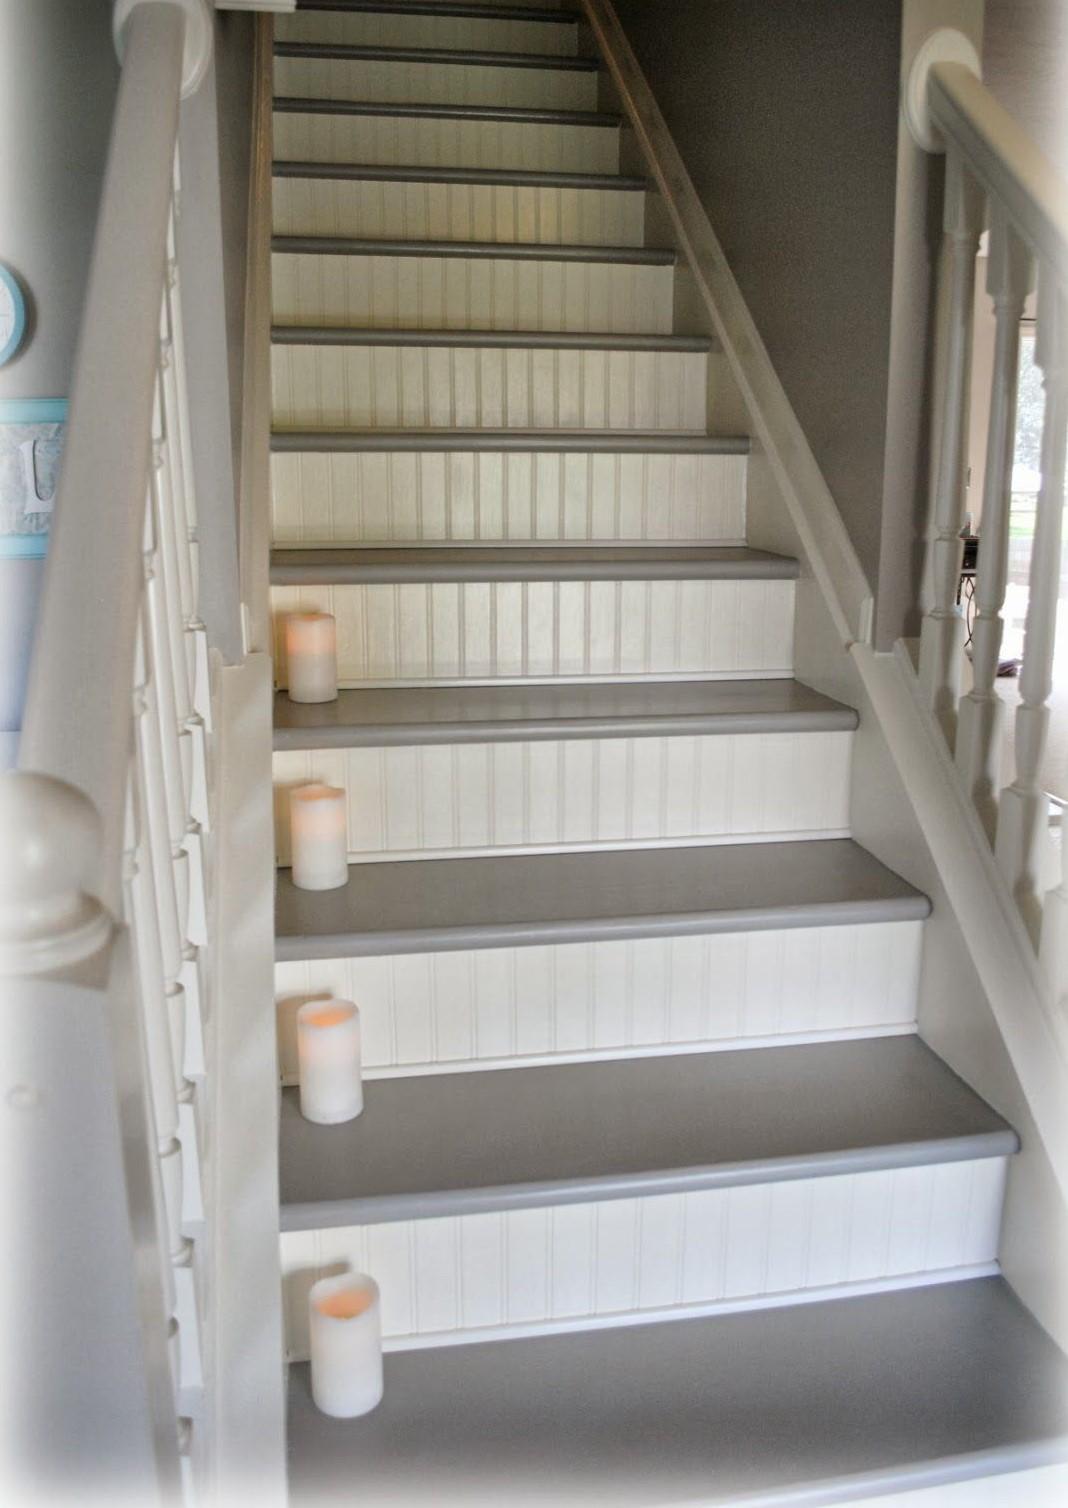 Escalier Peint Idees Pour Reussir La Renovation De La Cage Escalier